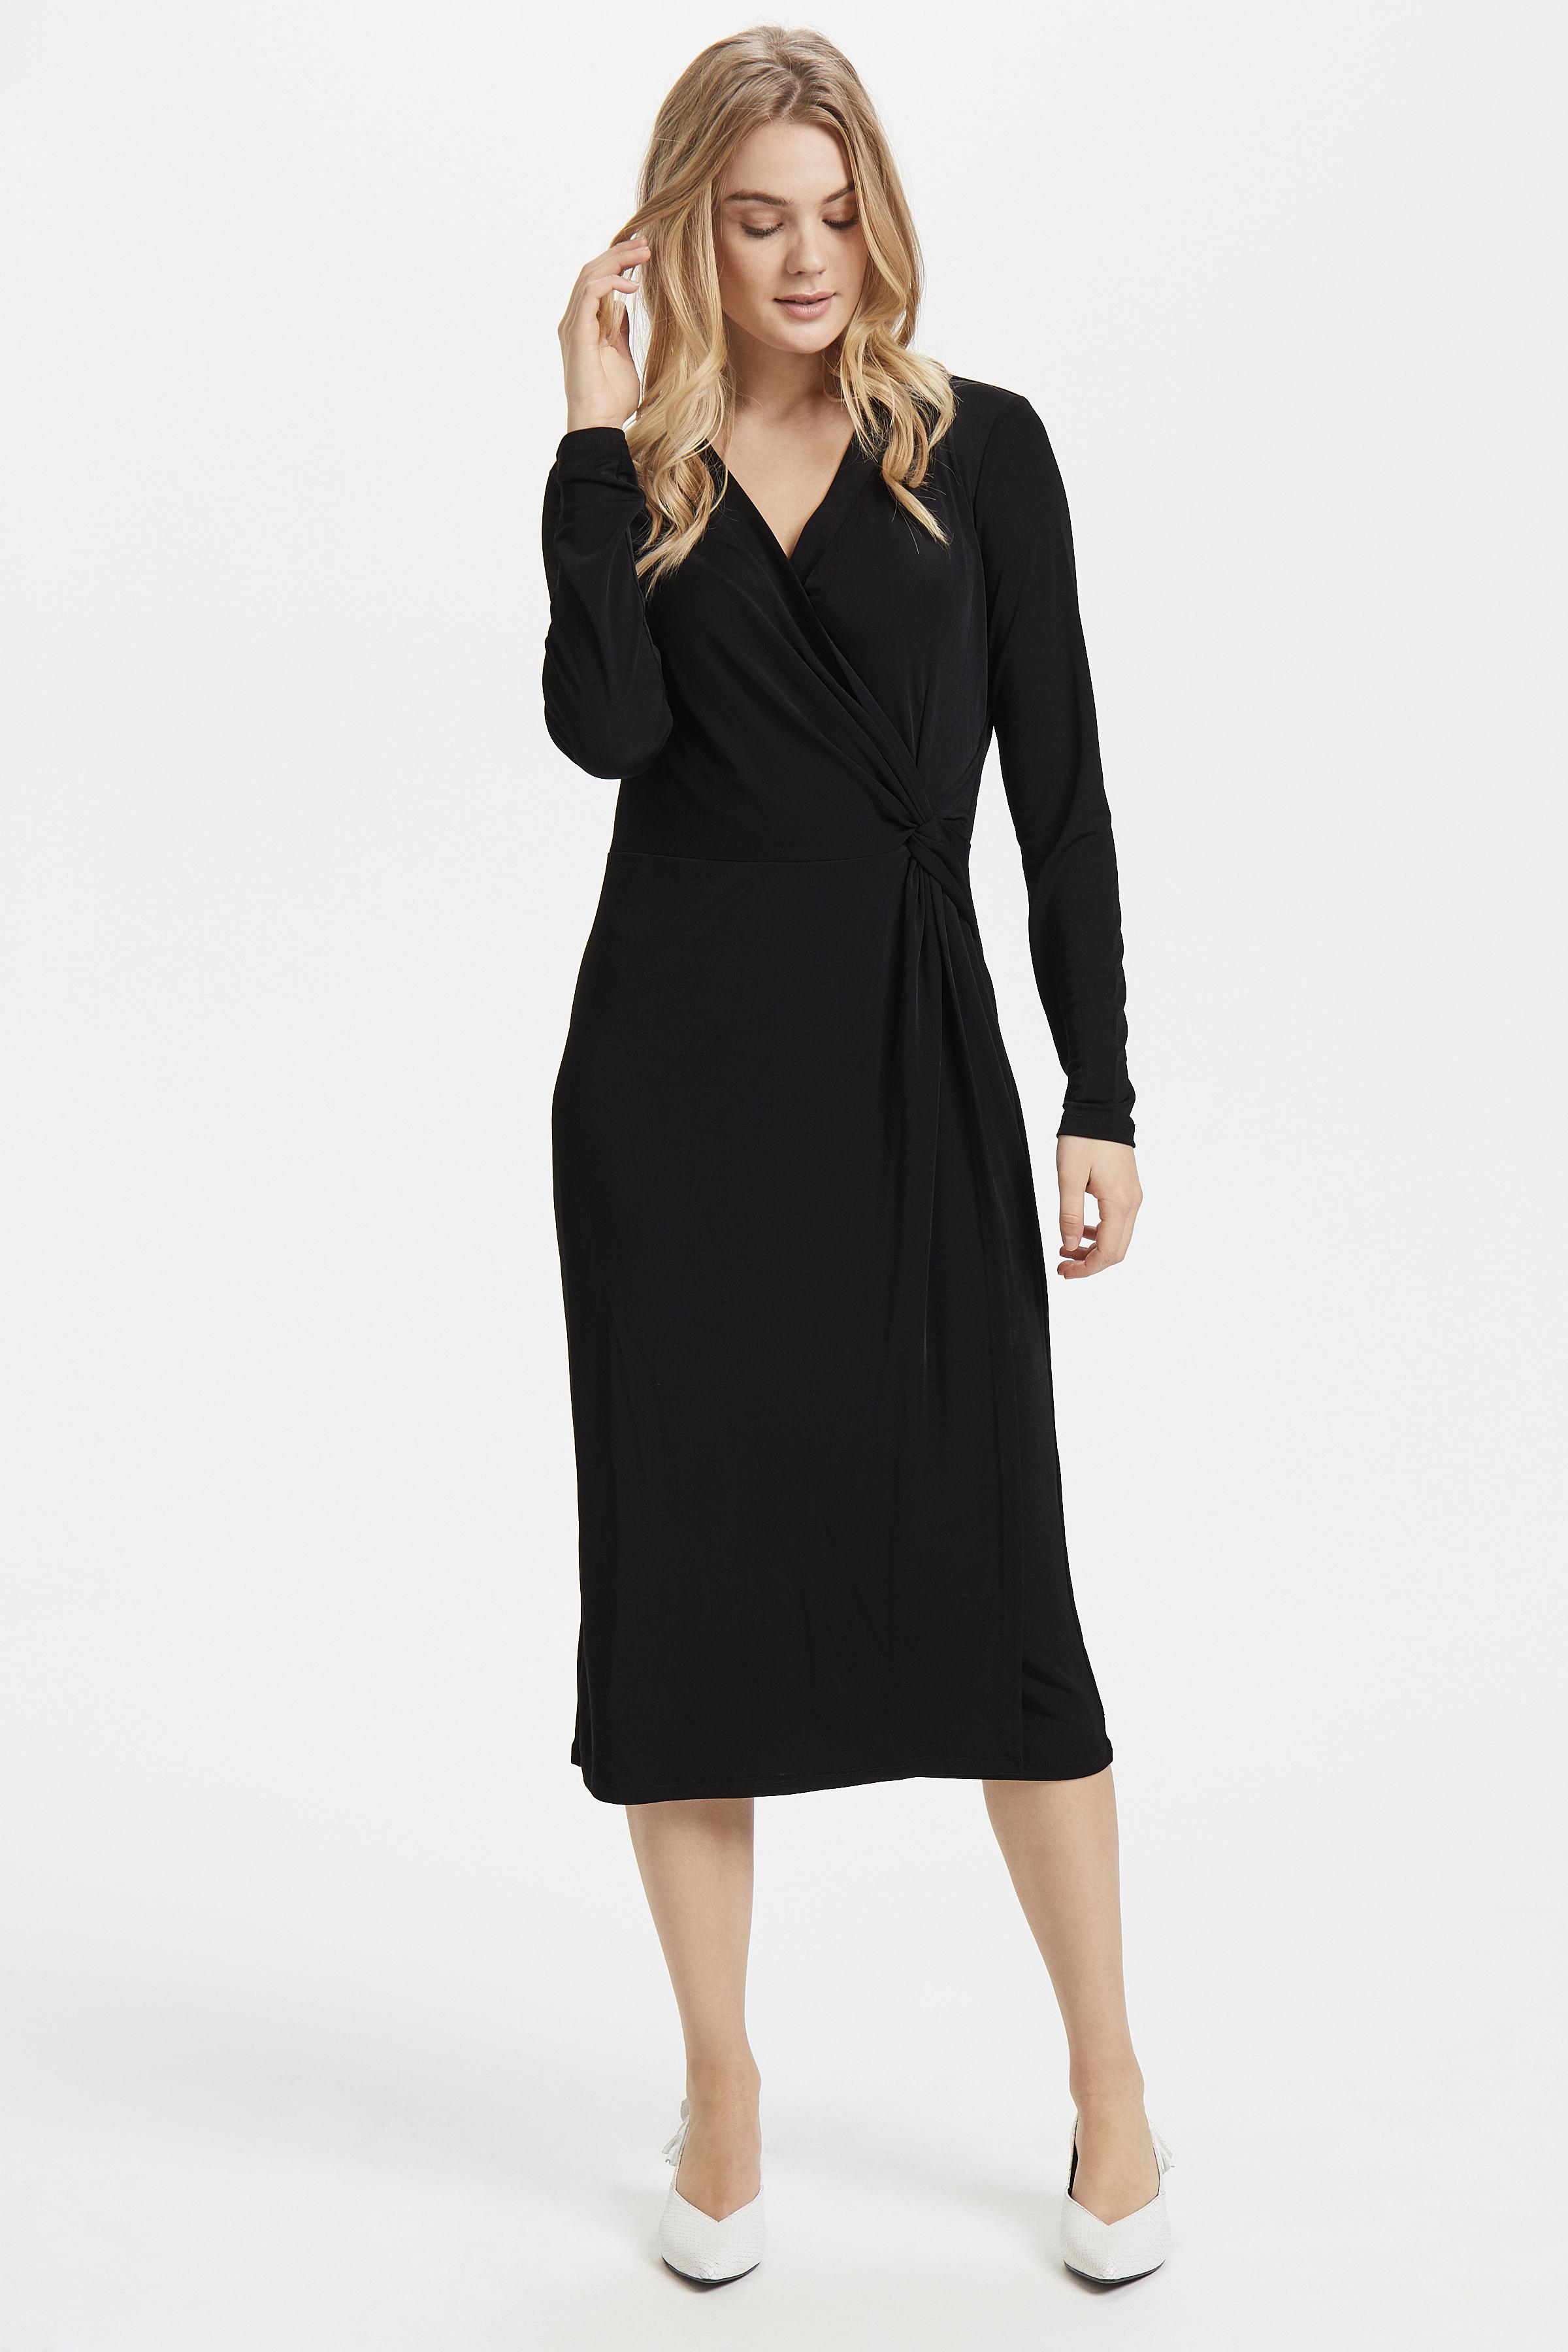 Black Jerseyklänning från b.young – Köp Black Jerseyklänning från storlek S-XXL här